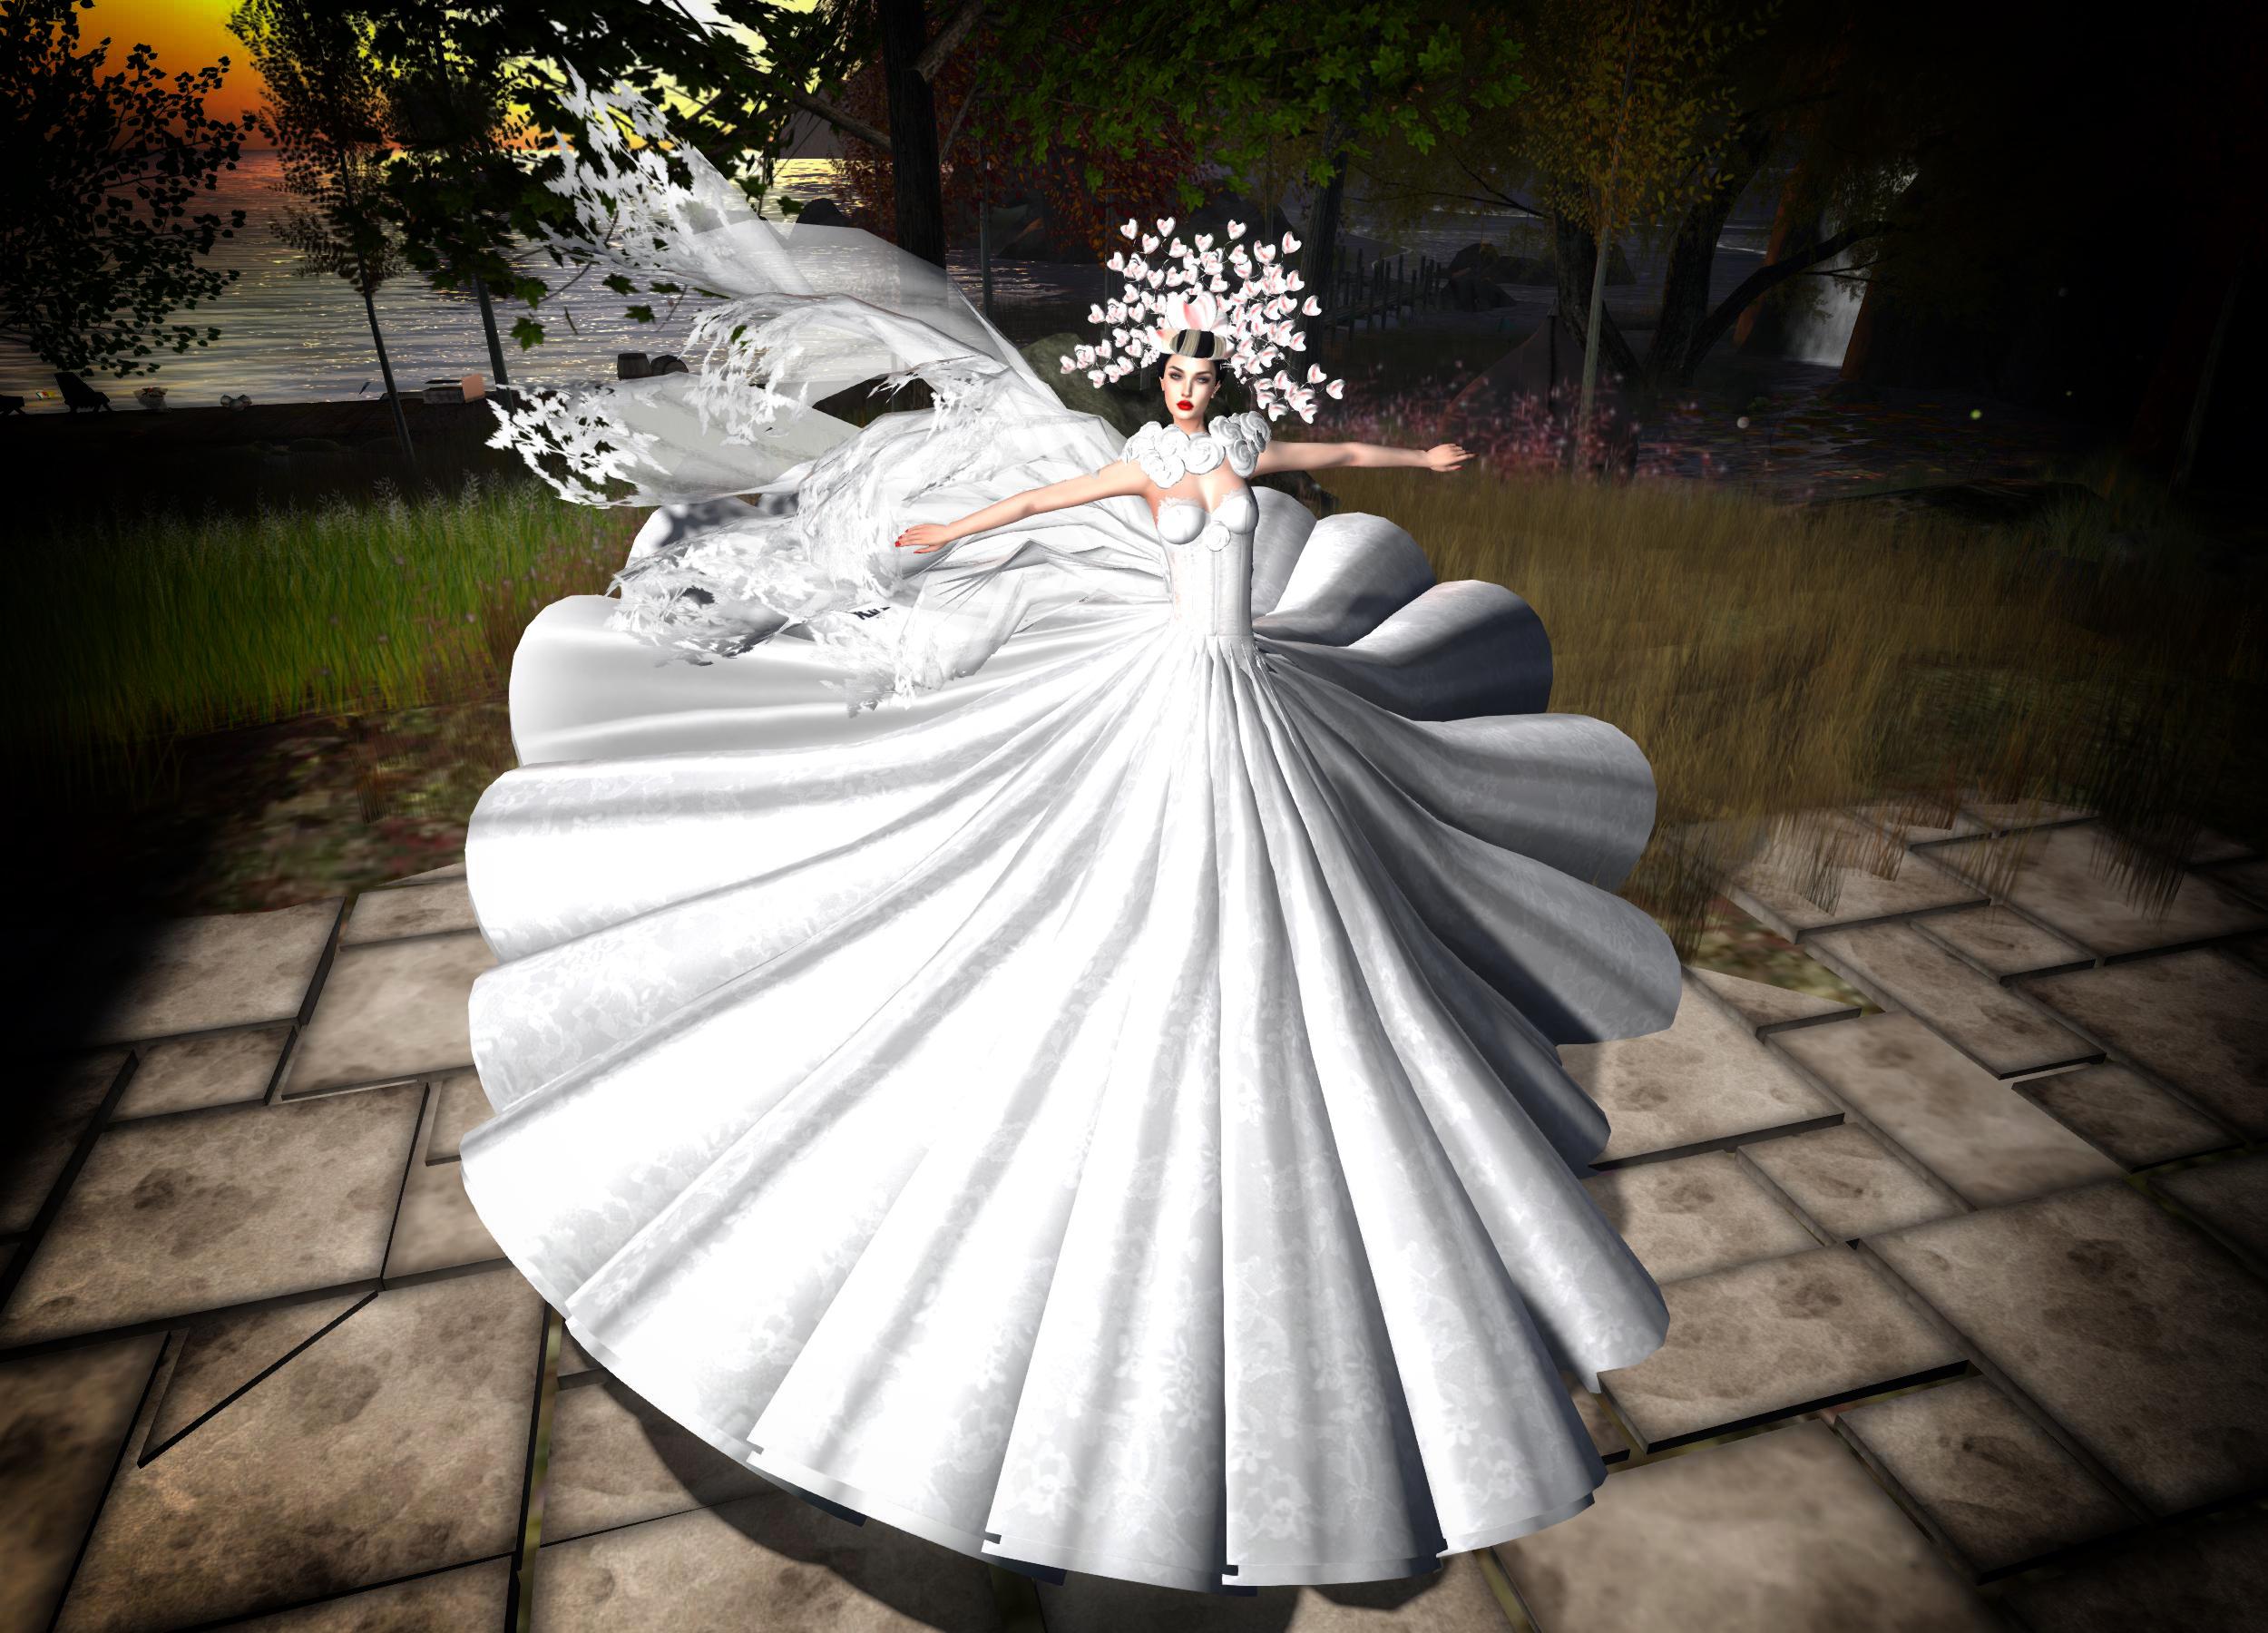 new style a6152 d3703 Hintergrundbilder : Weiß, Foto, Kleid, Frau, Brautkleid ...